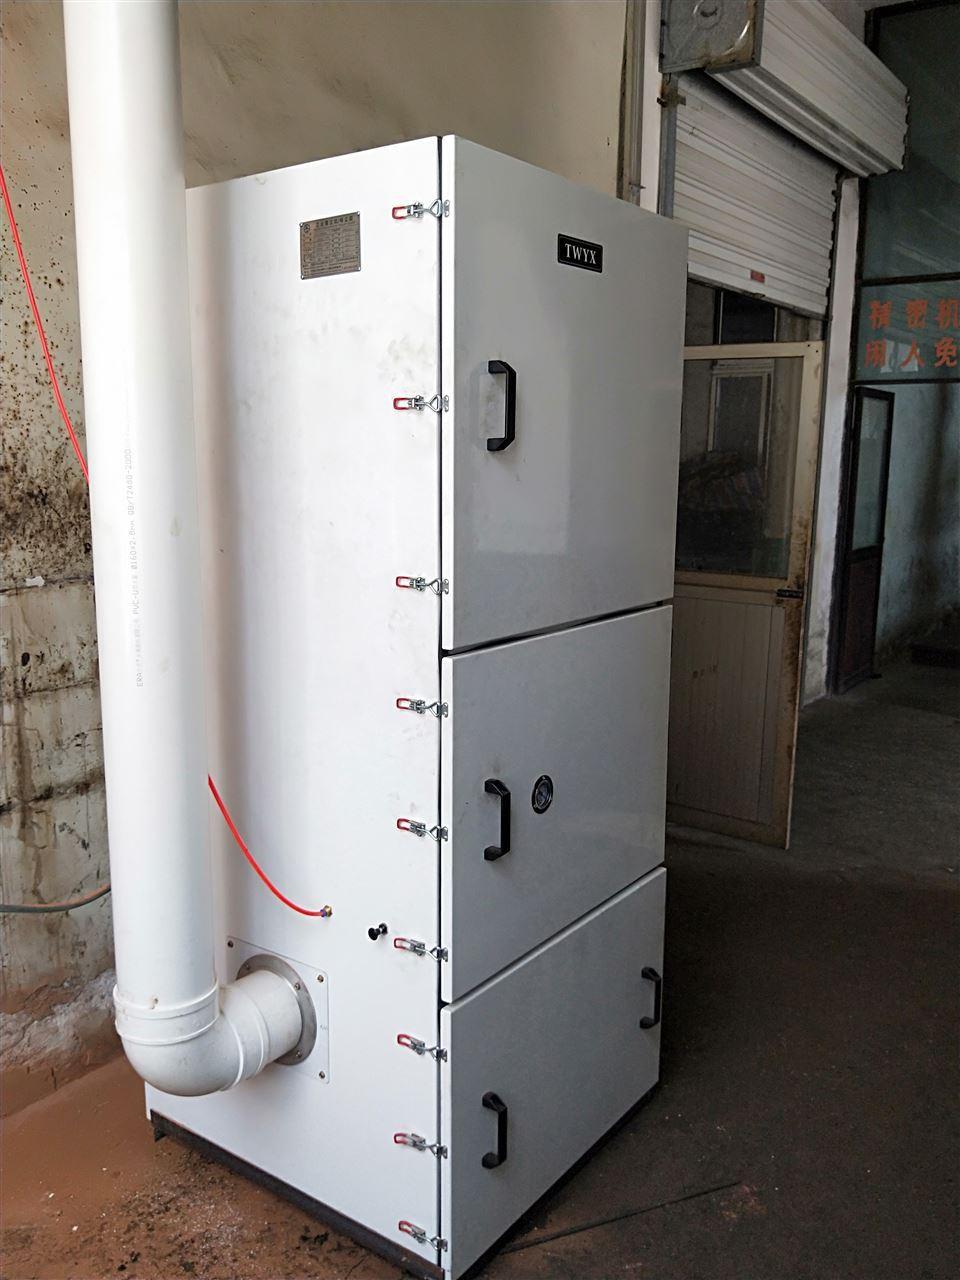 磨床吸尘器 平面工具磨床吸尘器 高压大吸力磨床吸尘器包邮示例图17